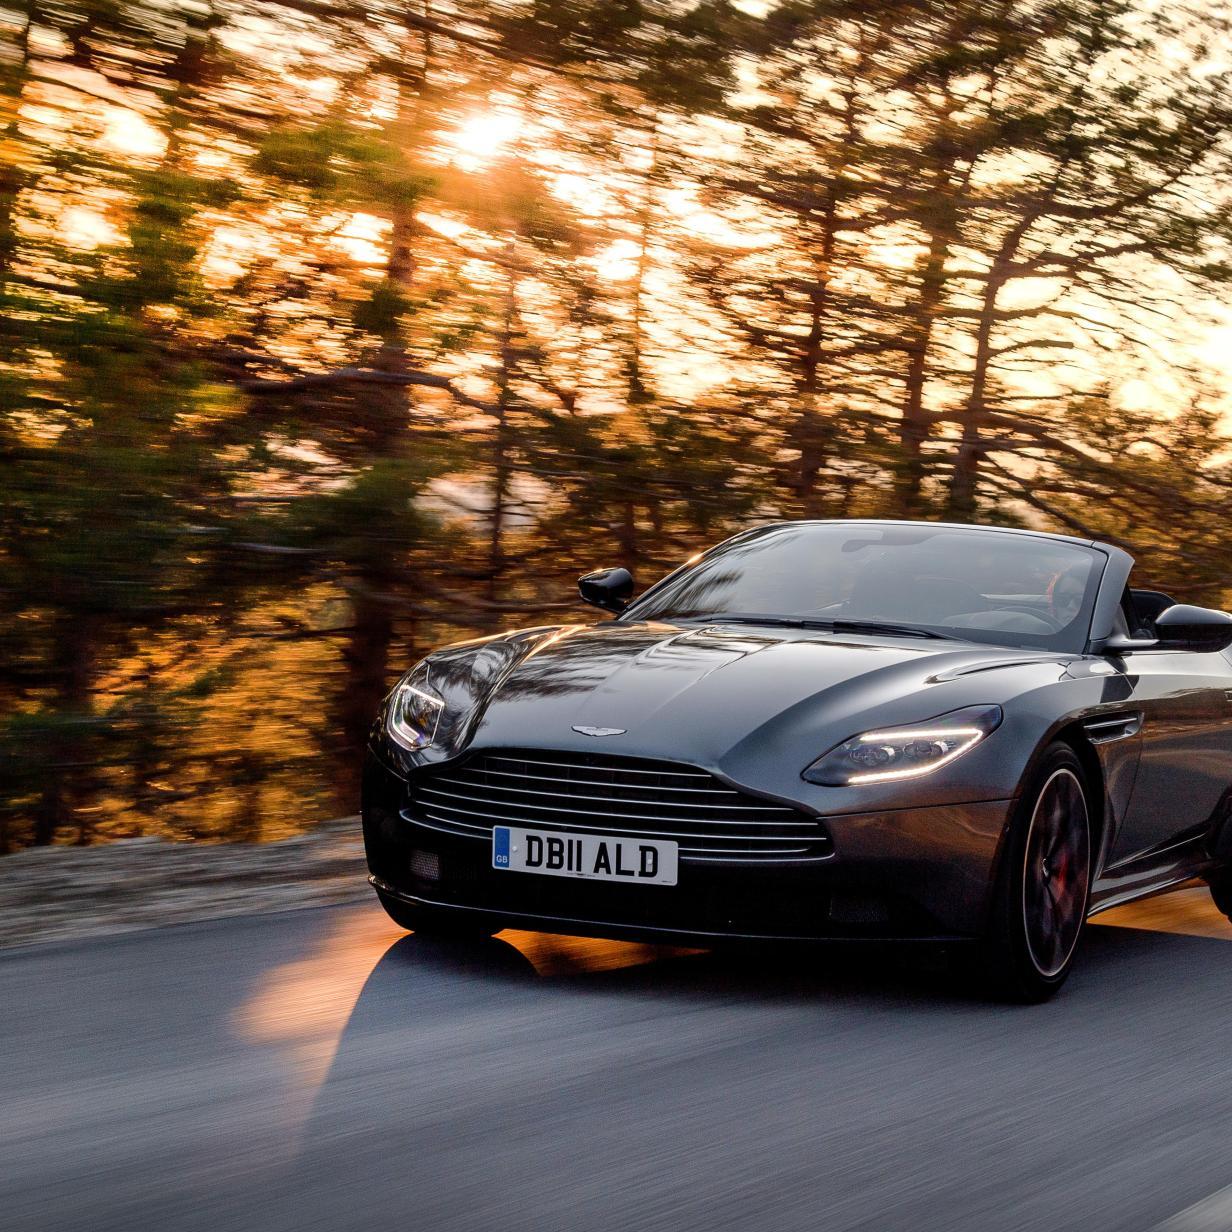 Aston Martin Db11 Volante Ausfahrt Mit Dem Luxus Cabrio Motor At